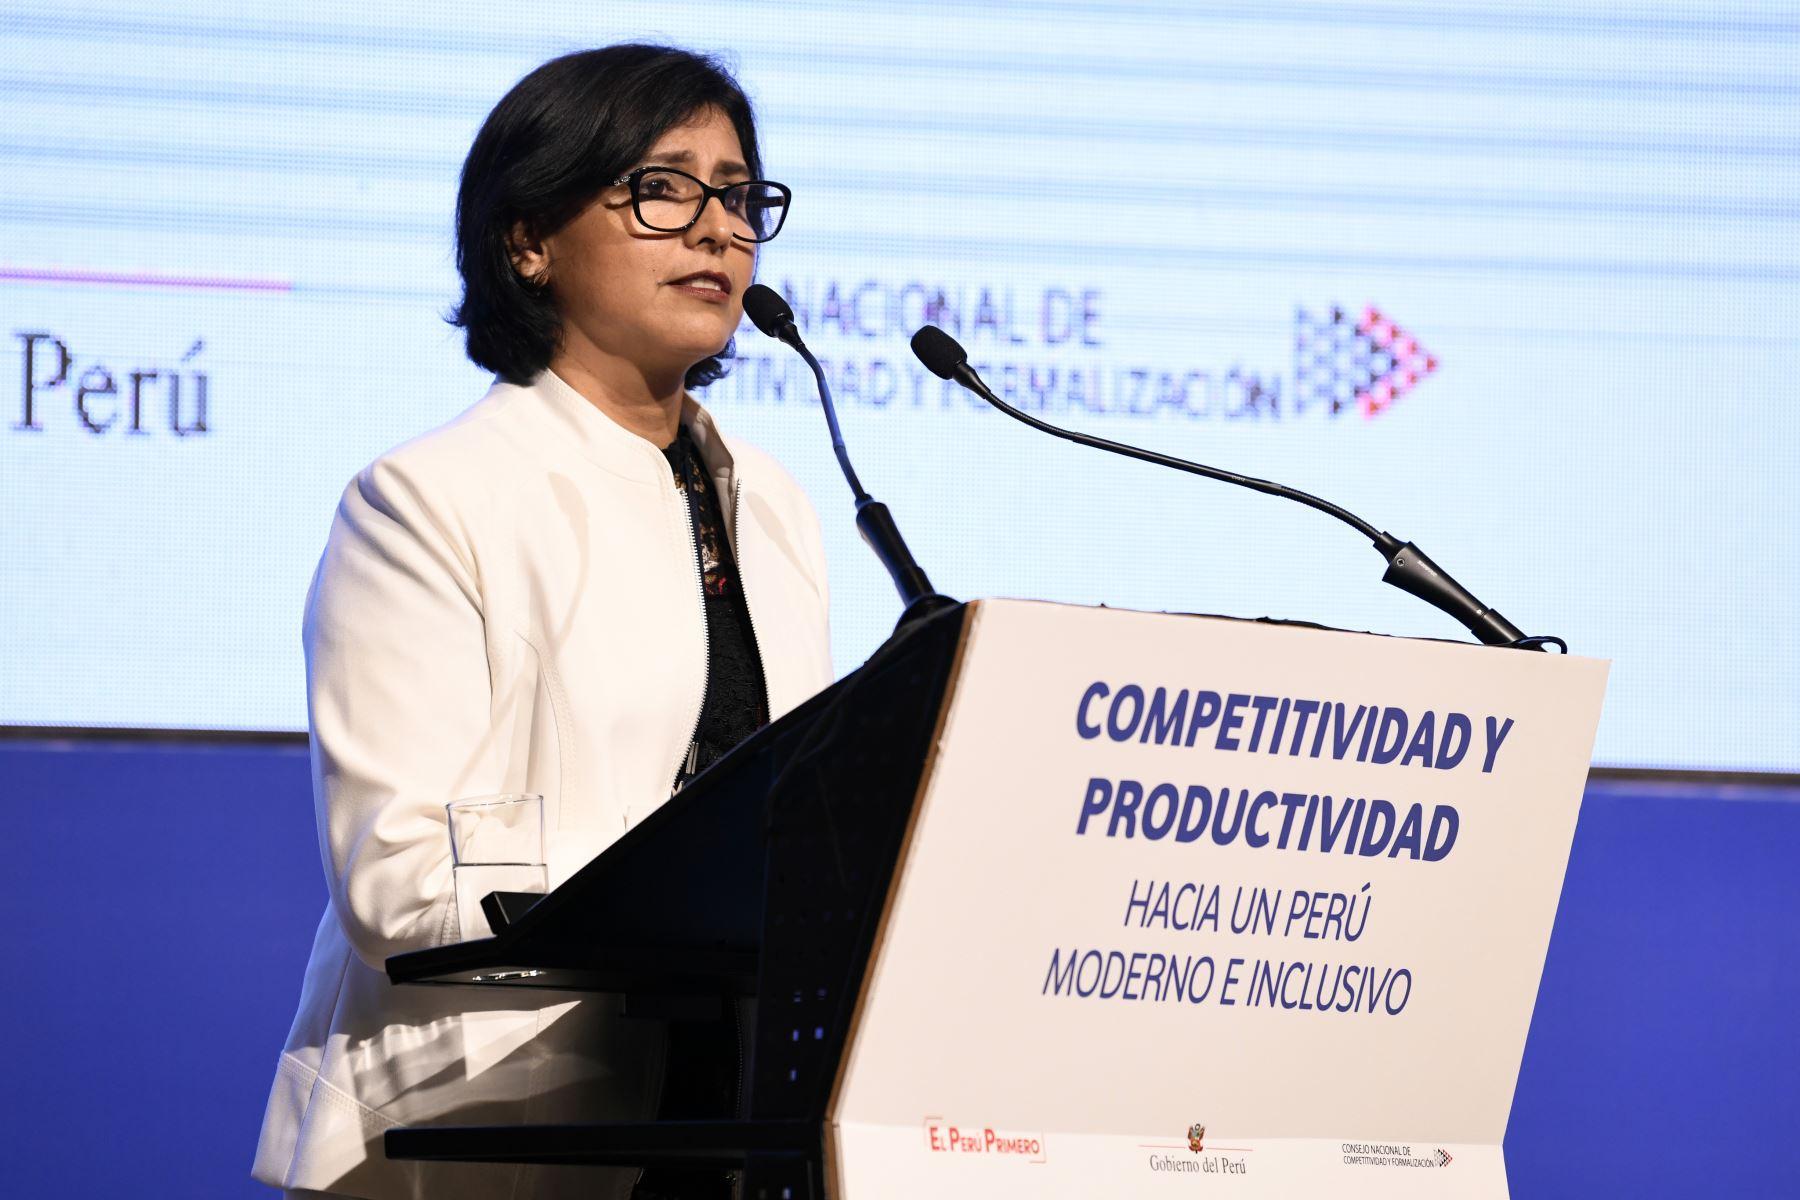 Ministra también aclaró que la propuesta del Plan Nacional de Competitividad y Productividad respeta los derechos laborales. ANDINA/Difusión